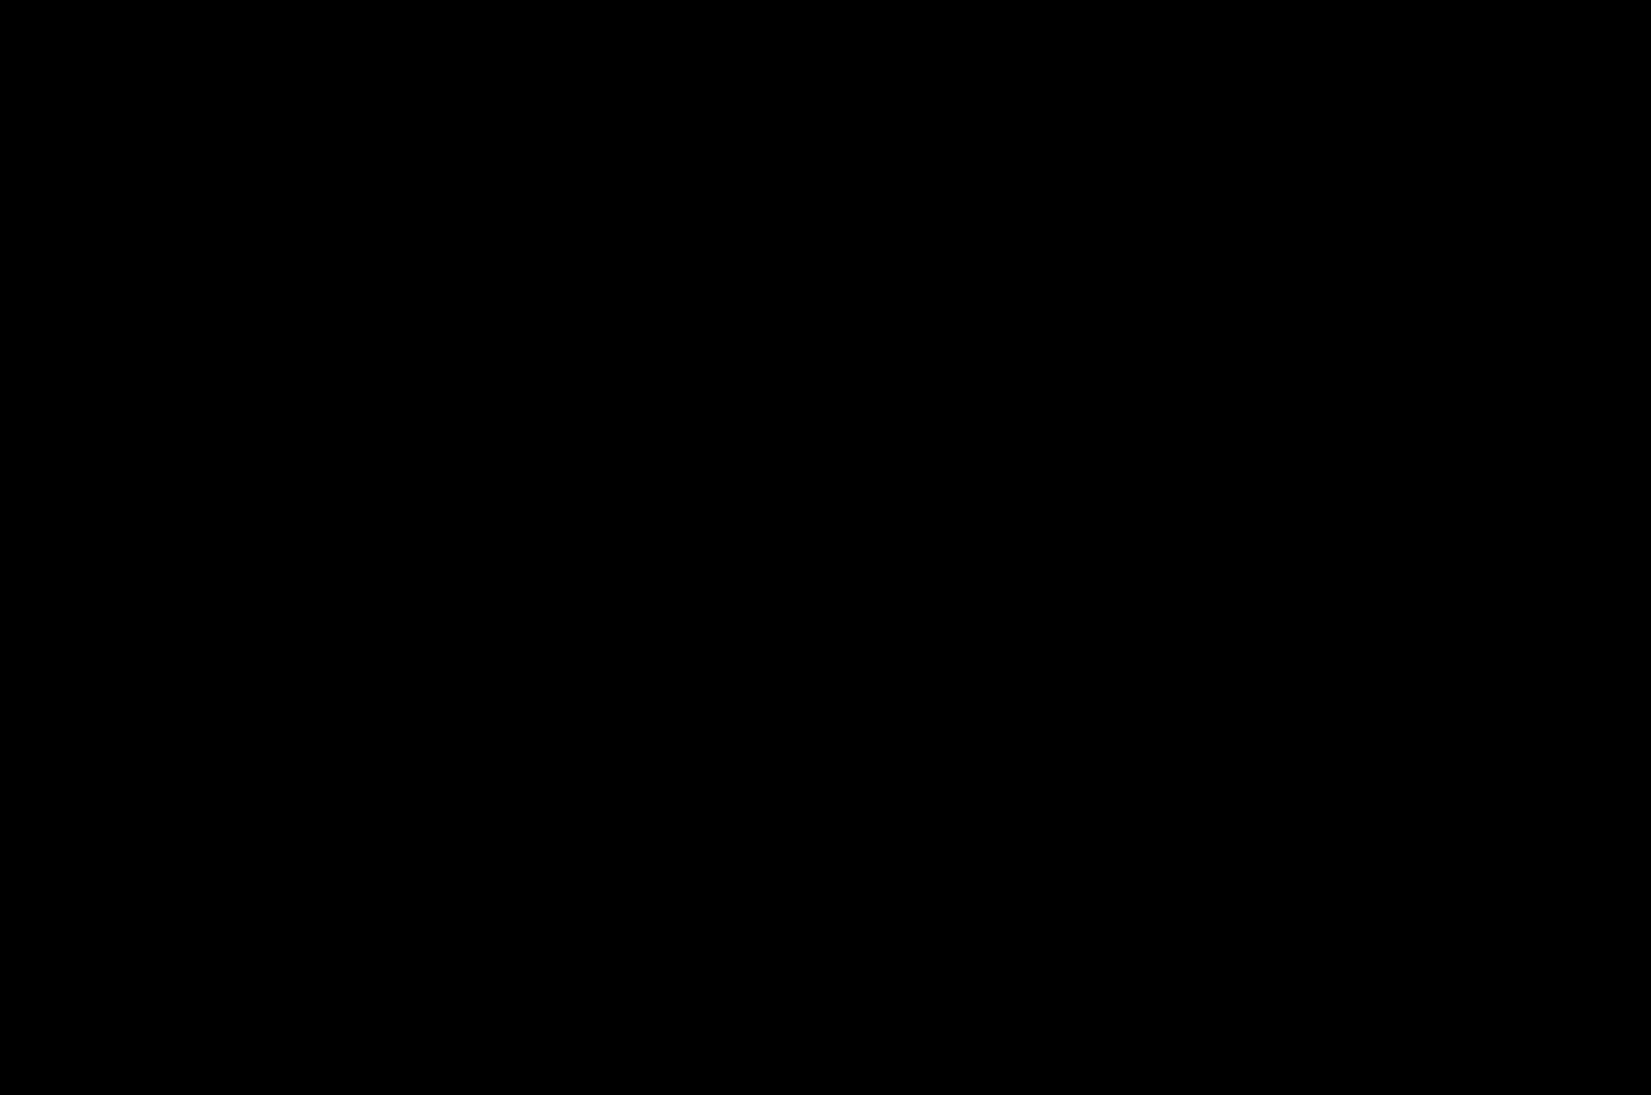 dsk_logo_2012